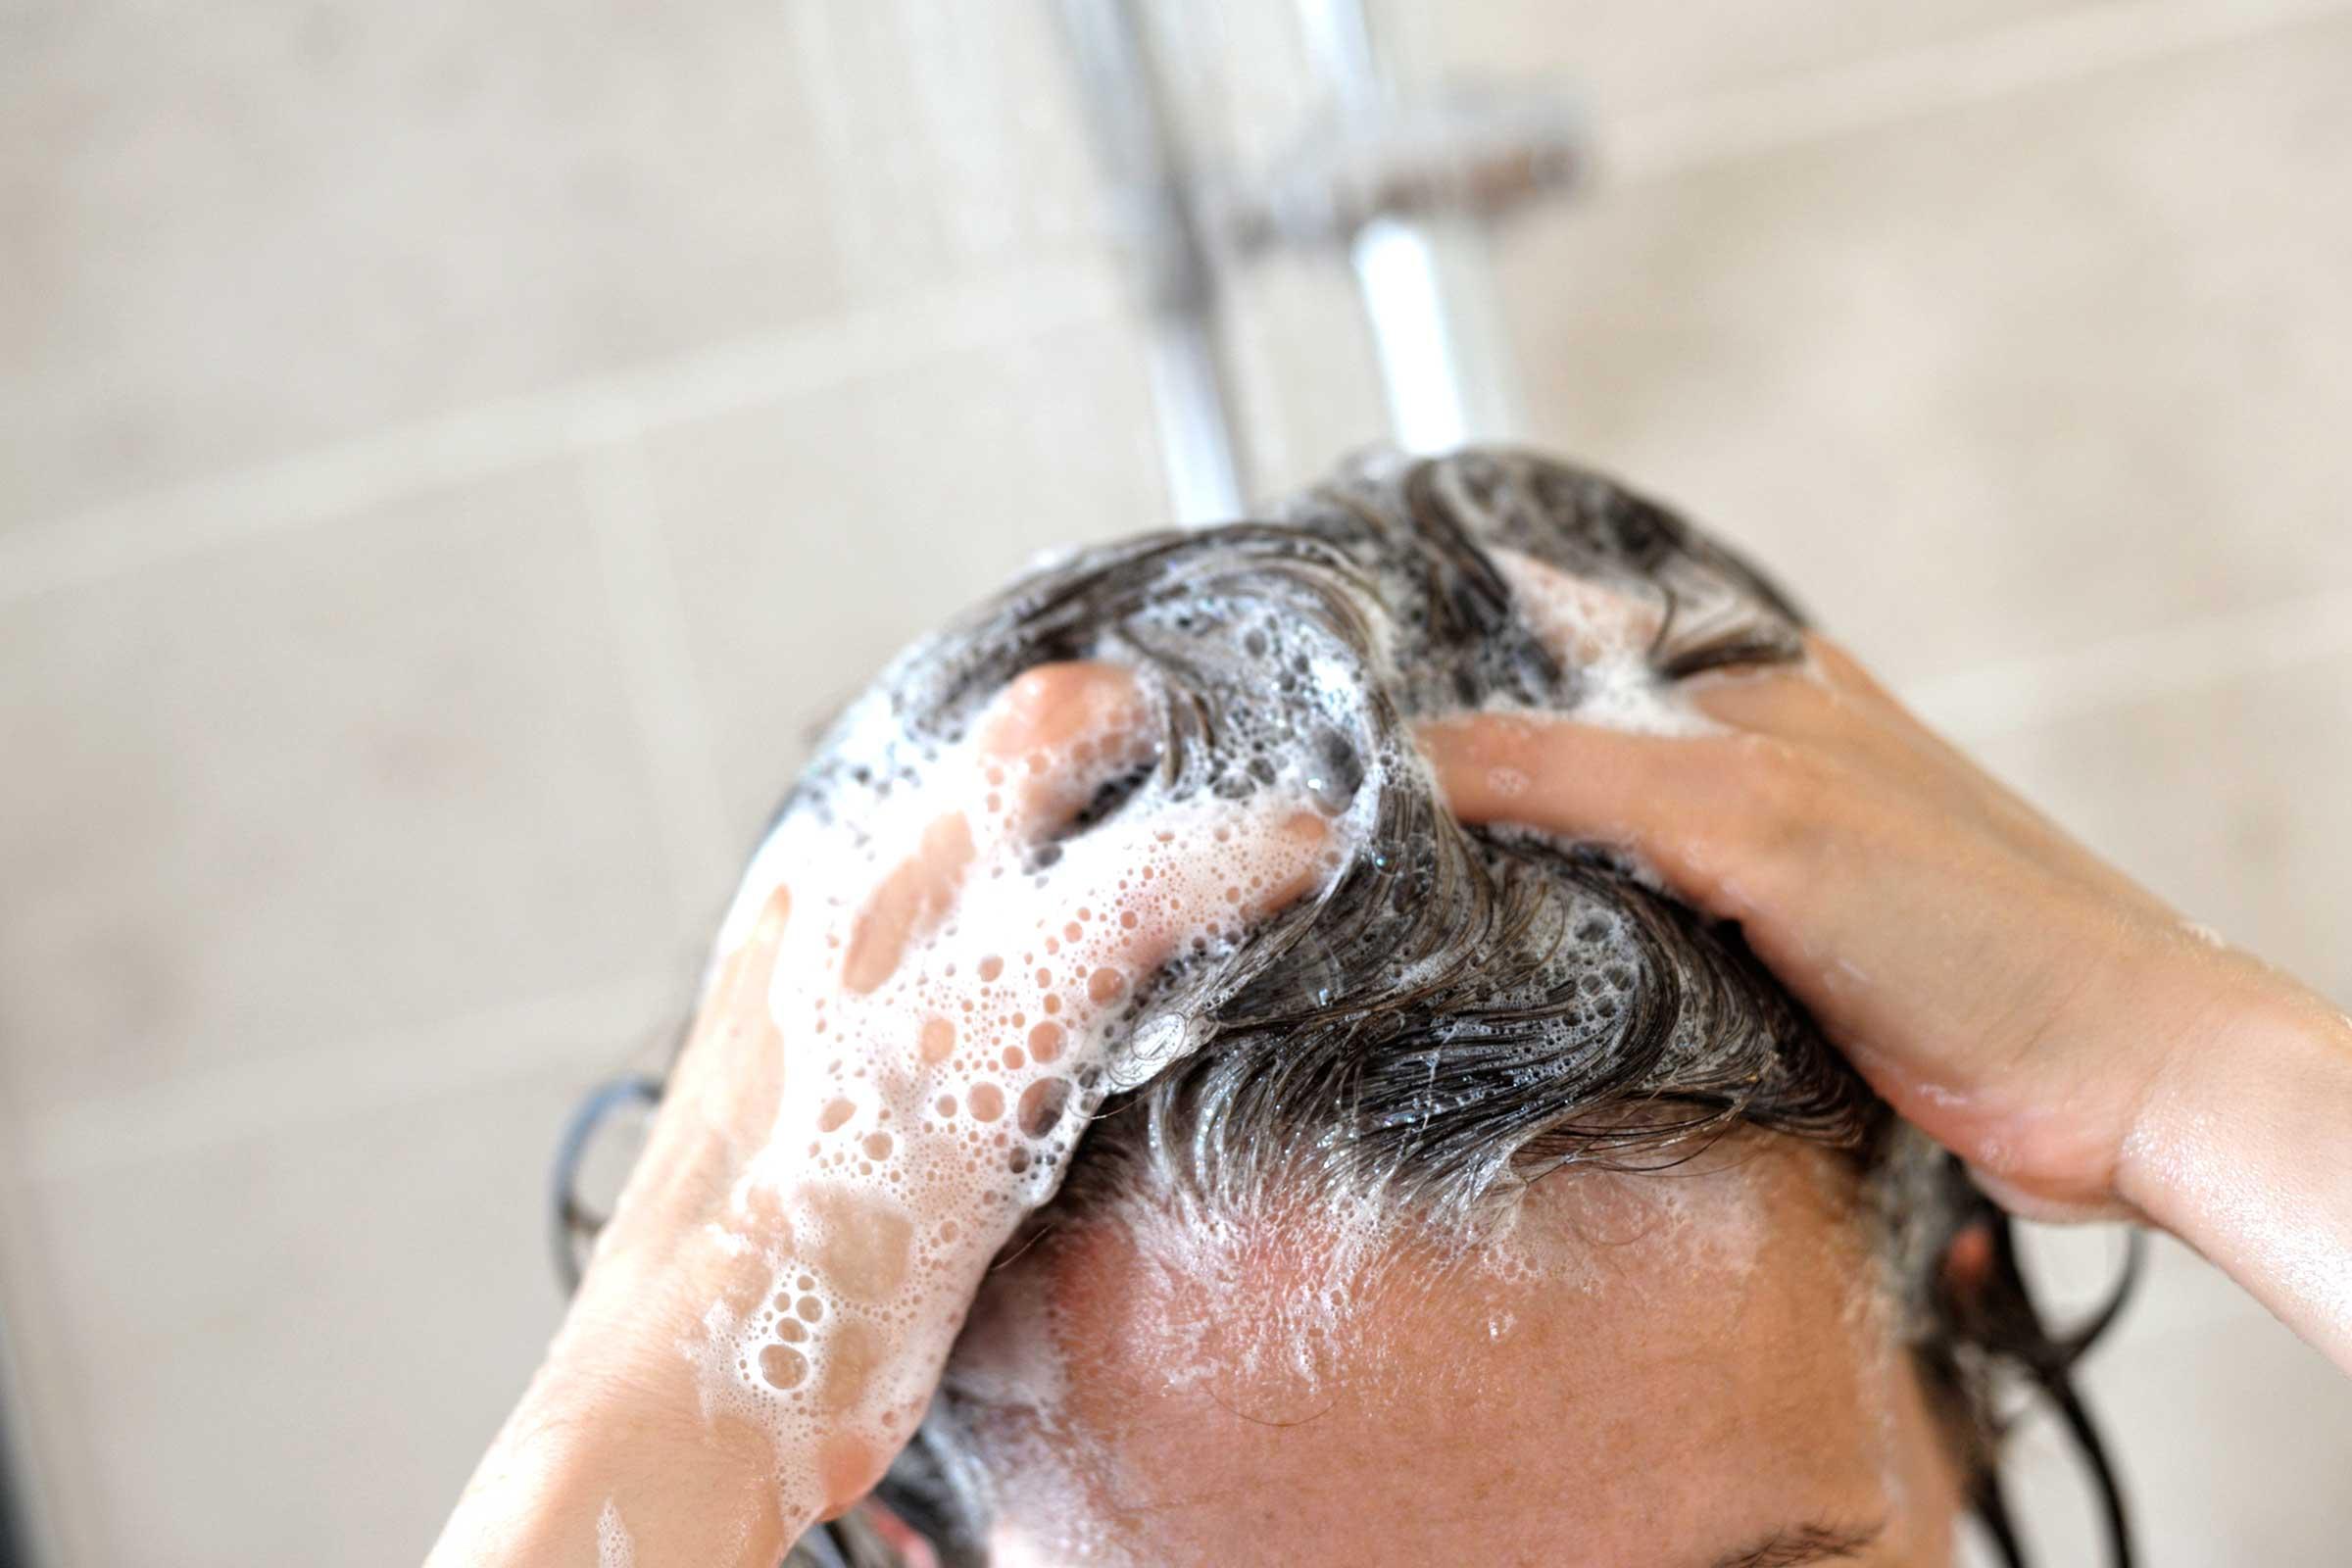 Можно волосы мыть детским мылом